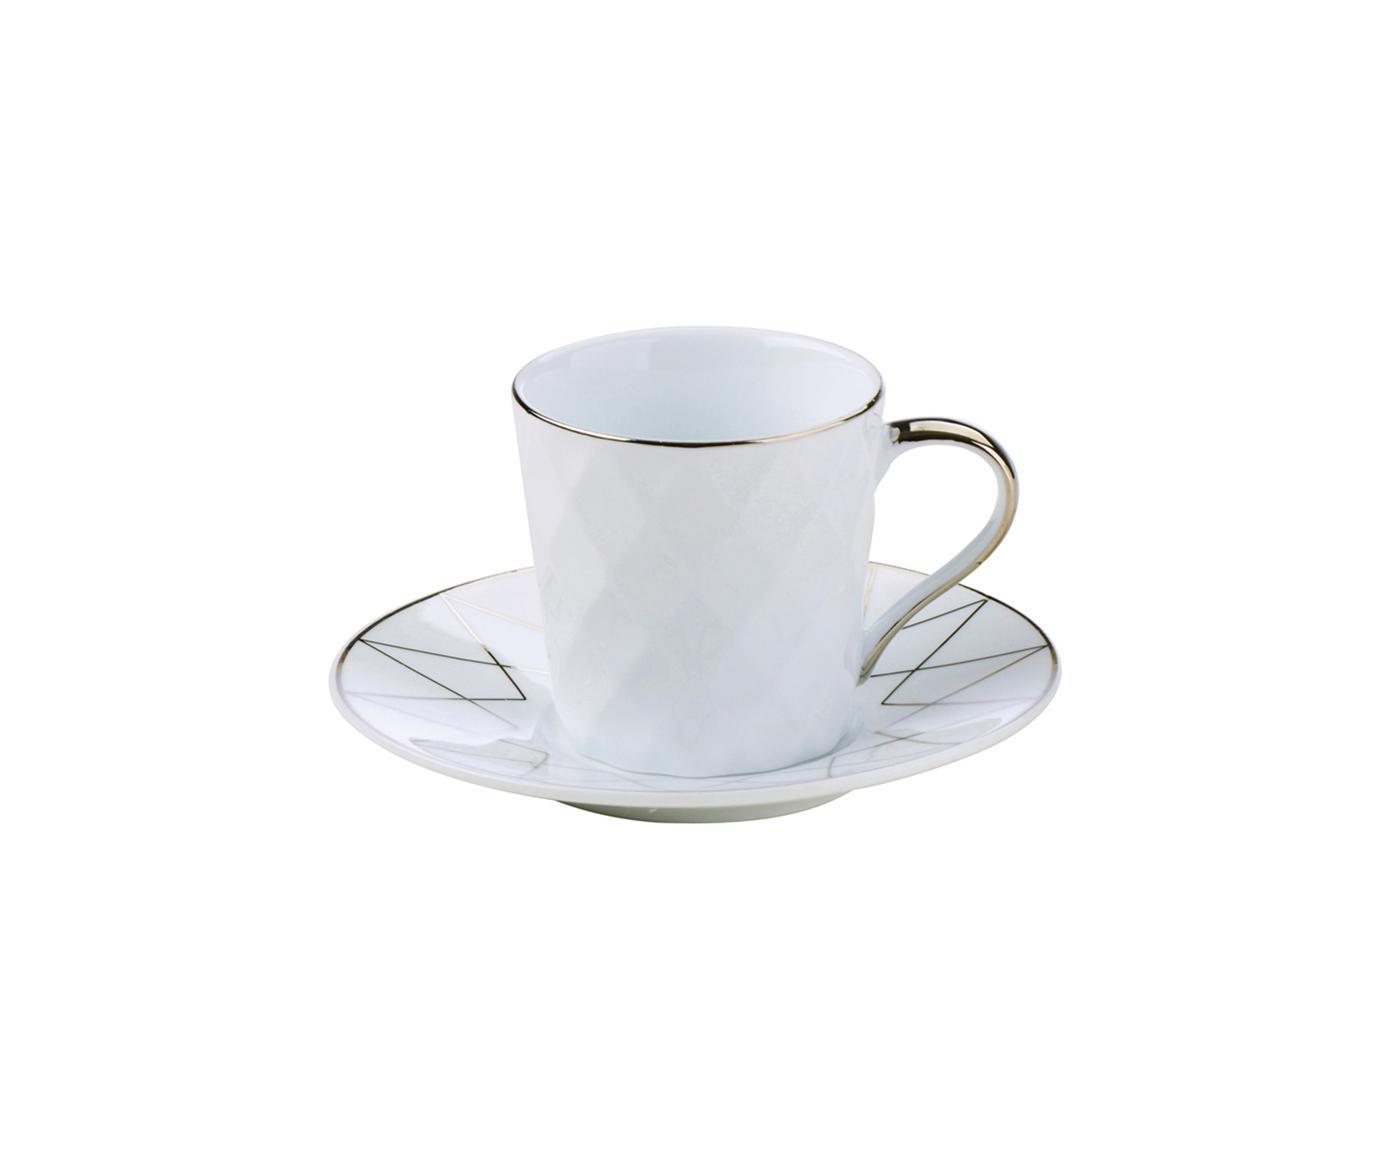 Set de tazas de café Lux, 6pzas., Porcelana, Blanco, platino, Ø 12 x Al 6 cm